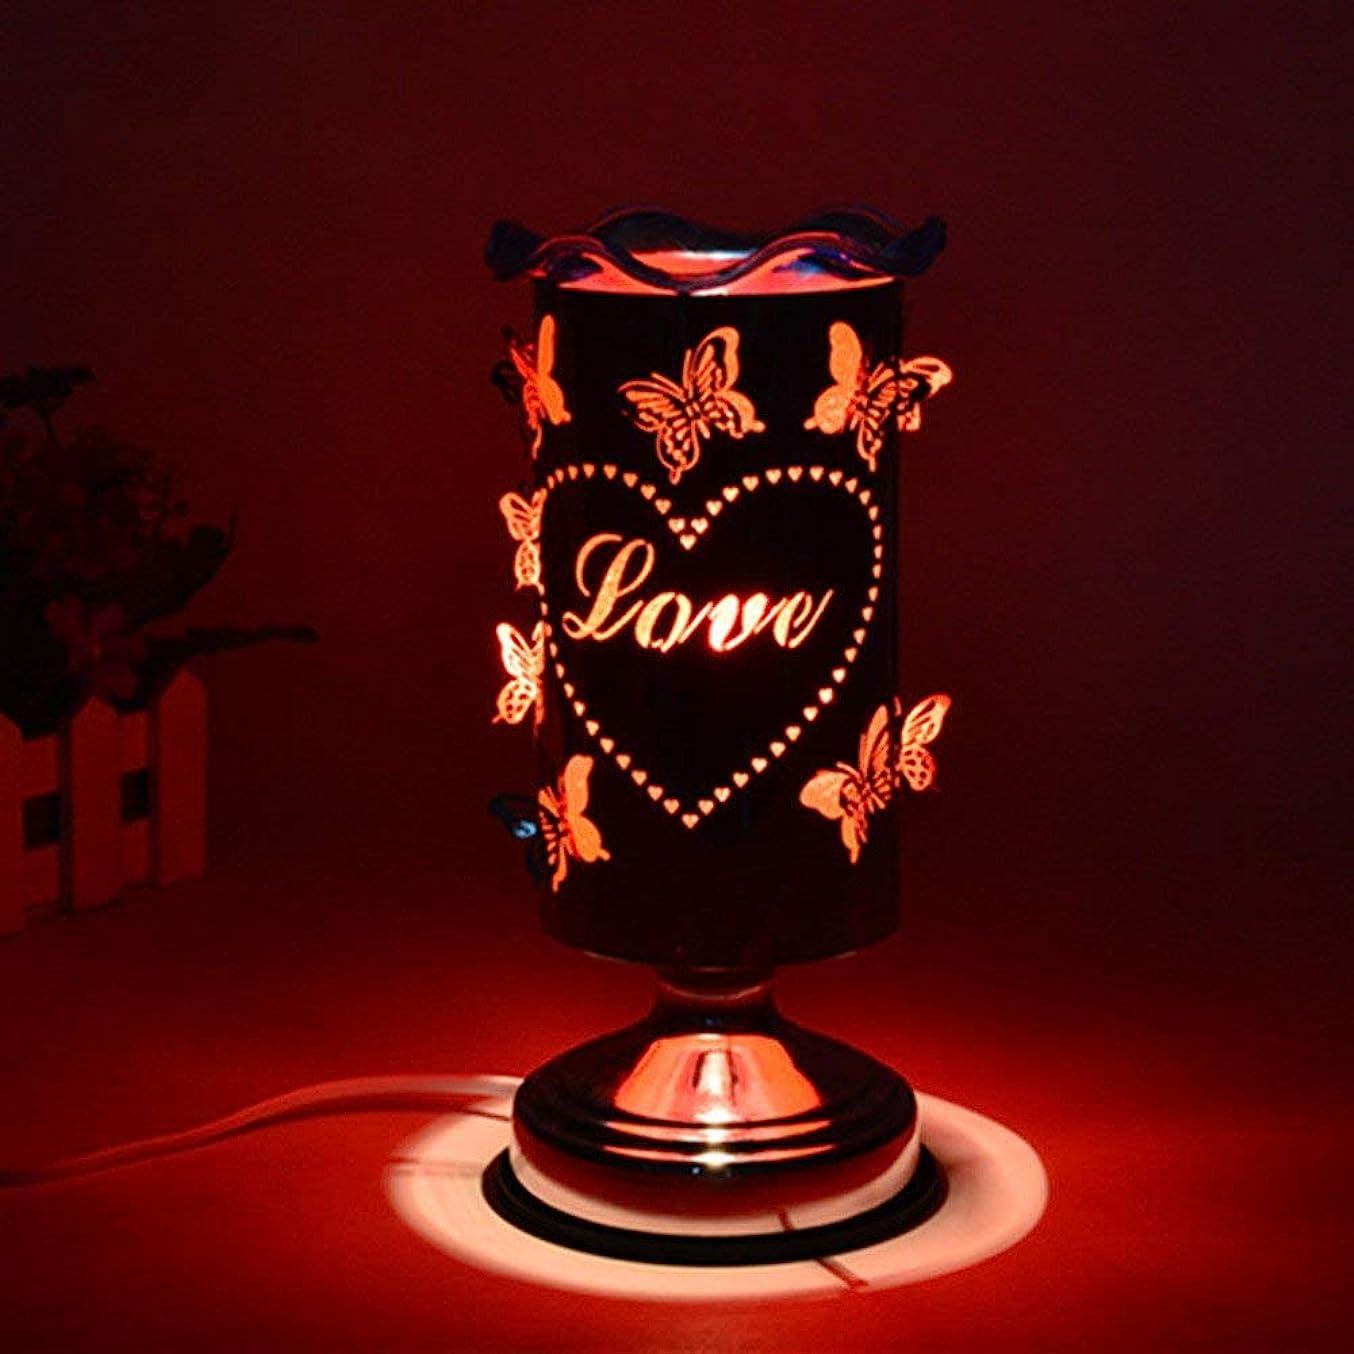 ジョガー過度のアピールバタフライアロマランププラグイン調節可能なライトエッセンシャルオイルランプ香炉バーナーベッドサイドデスクランプロマンチックギフトアロマランプ